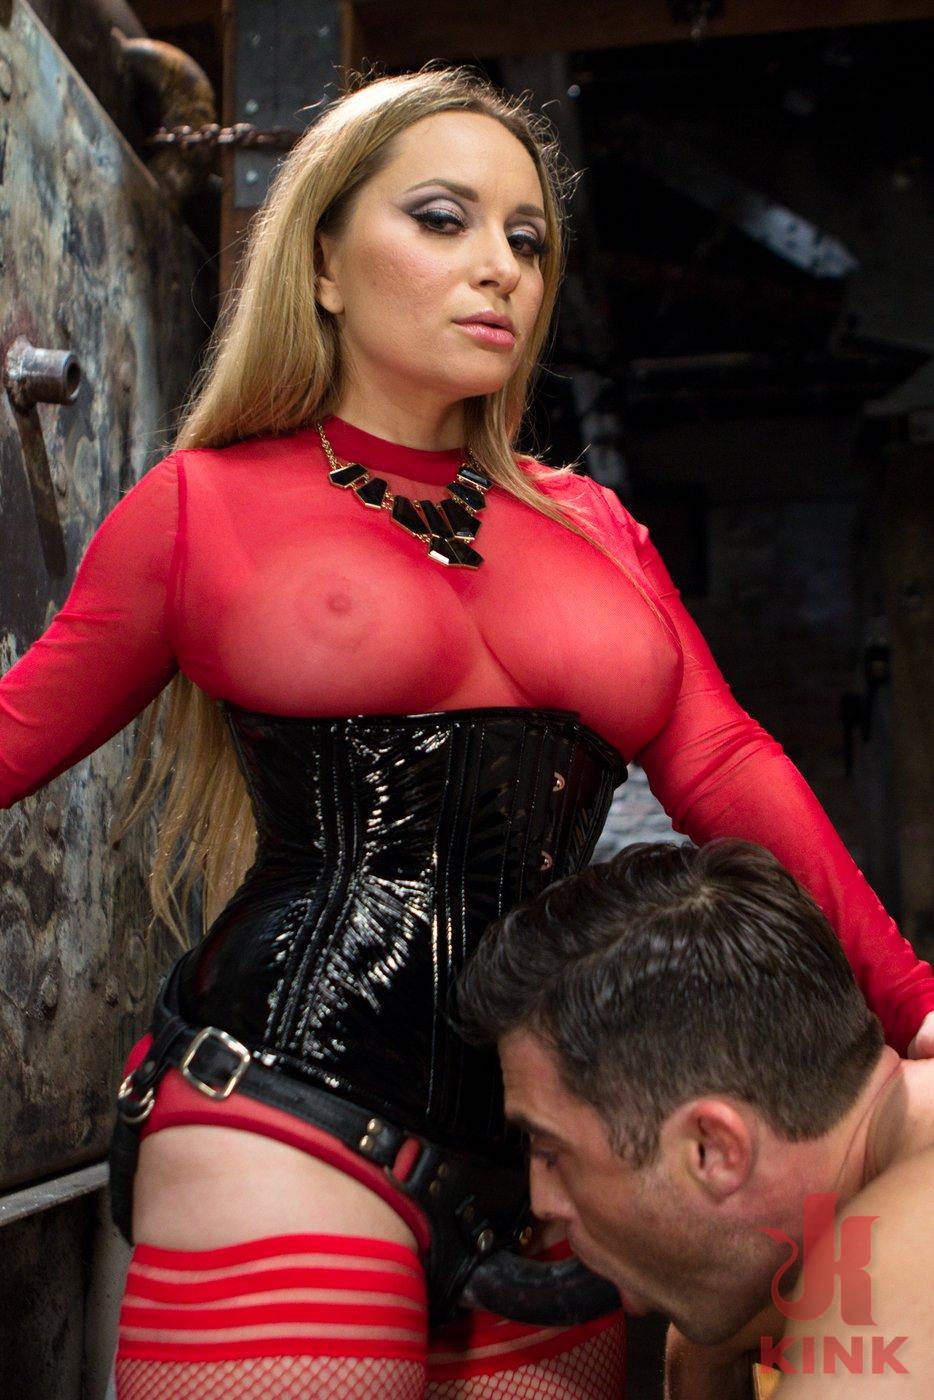 Mistress aiden starr strapon femdom 1